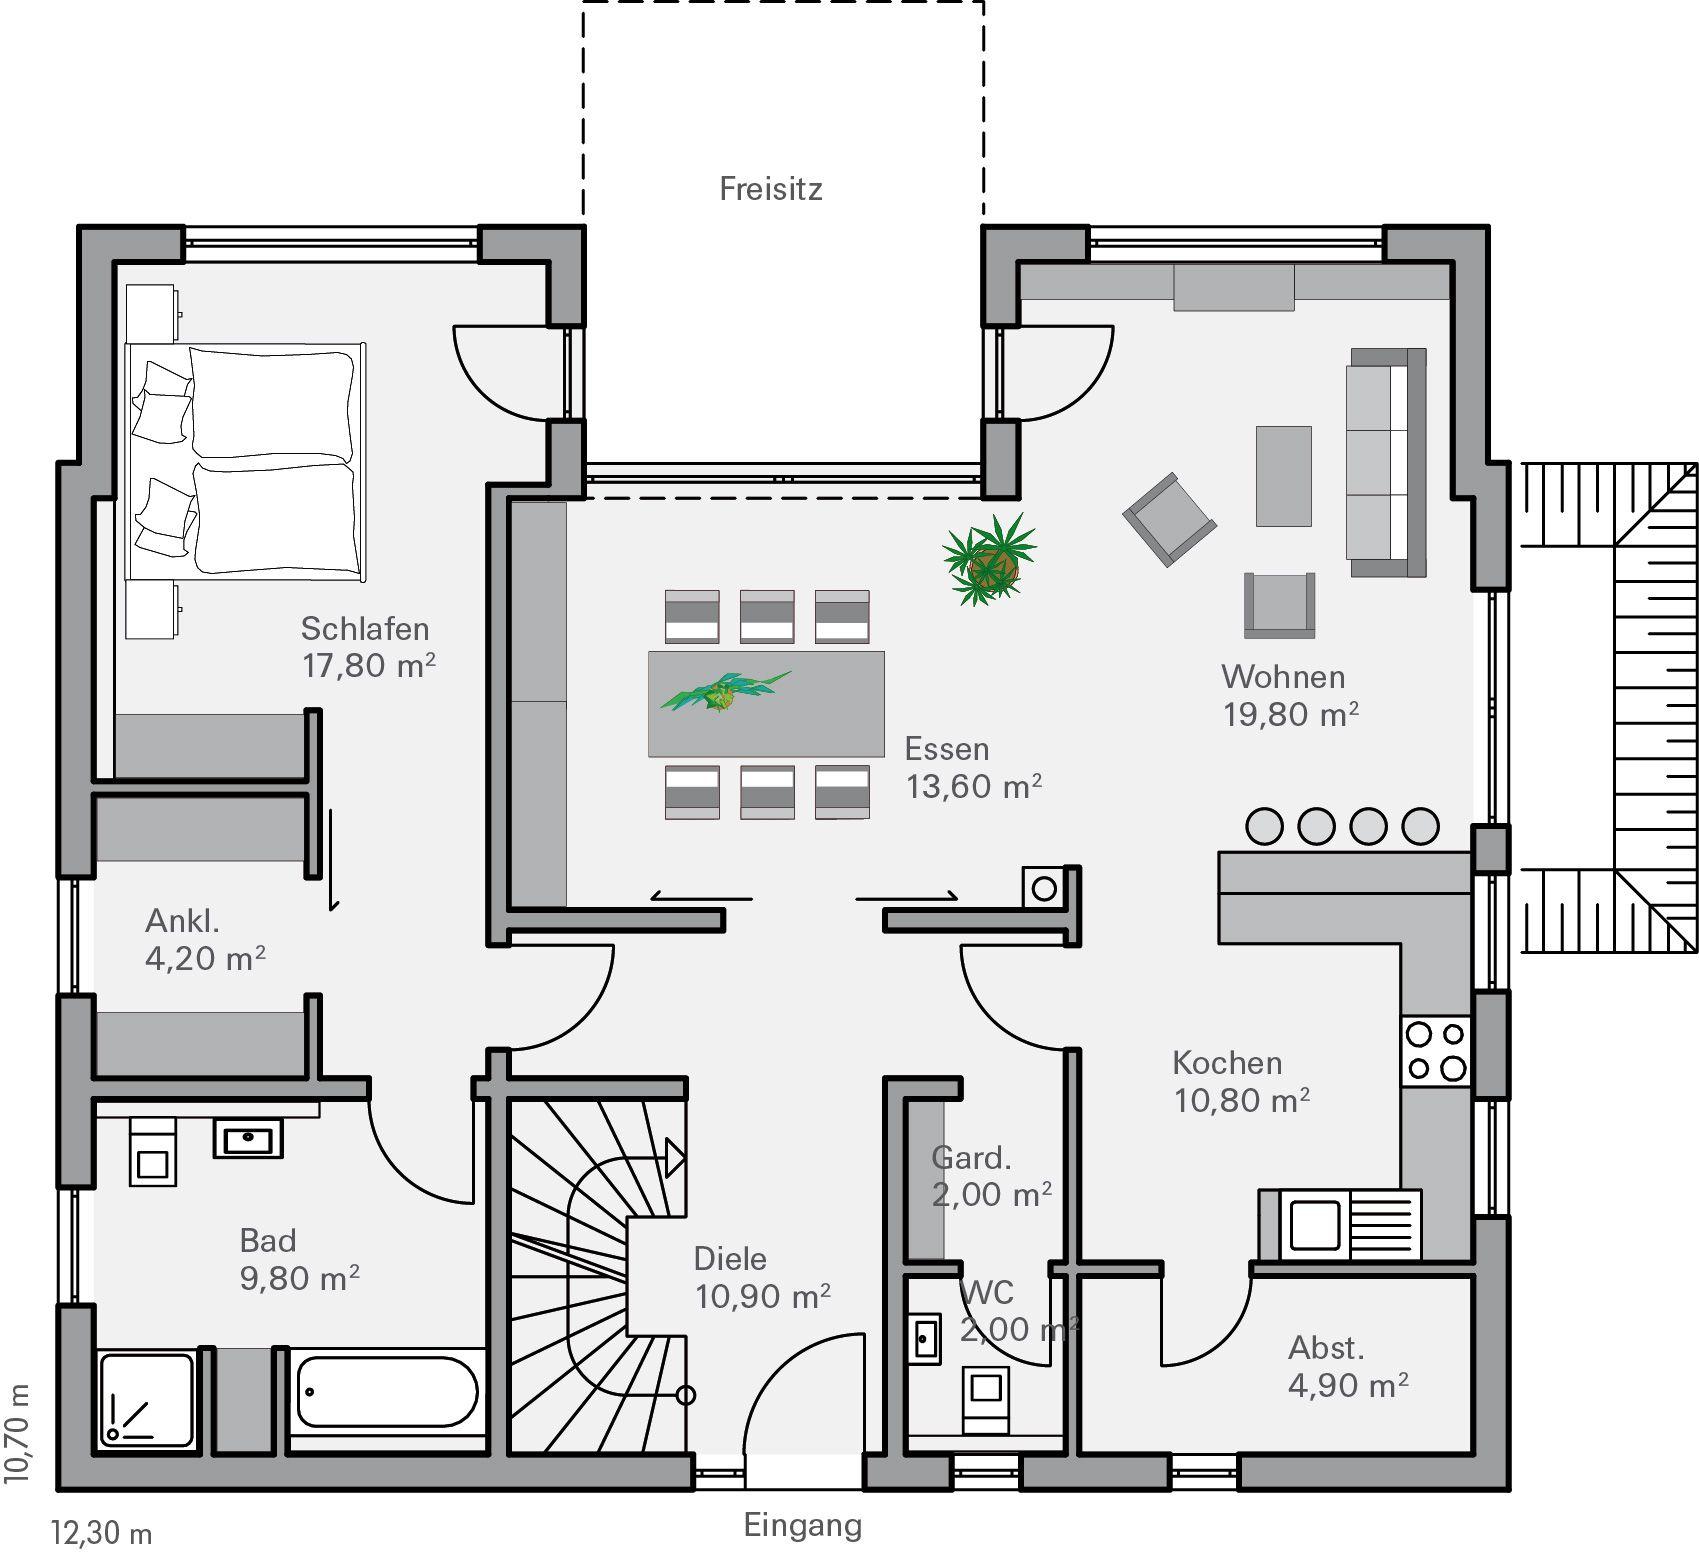 Grundriss EG Rothe | bauen | Pinterest | Haus, Haus und Bad